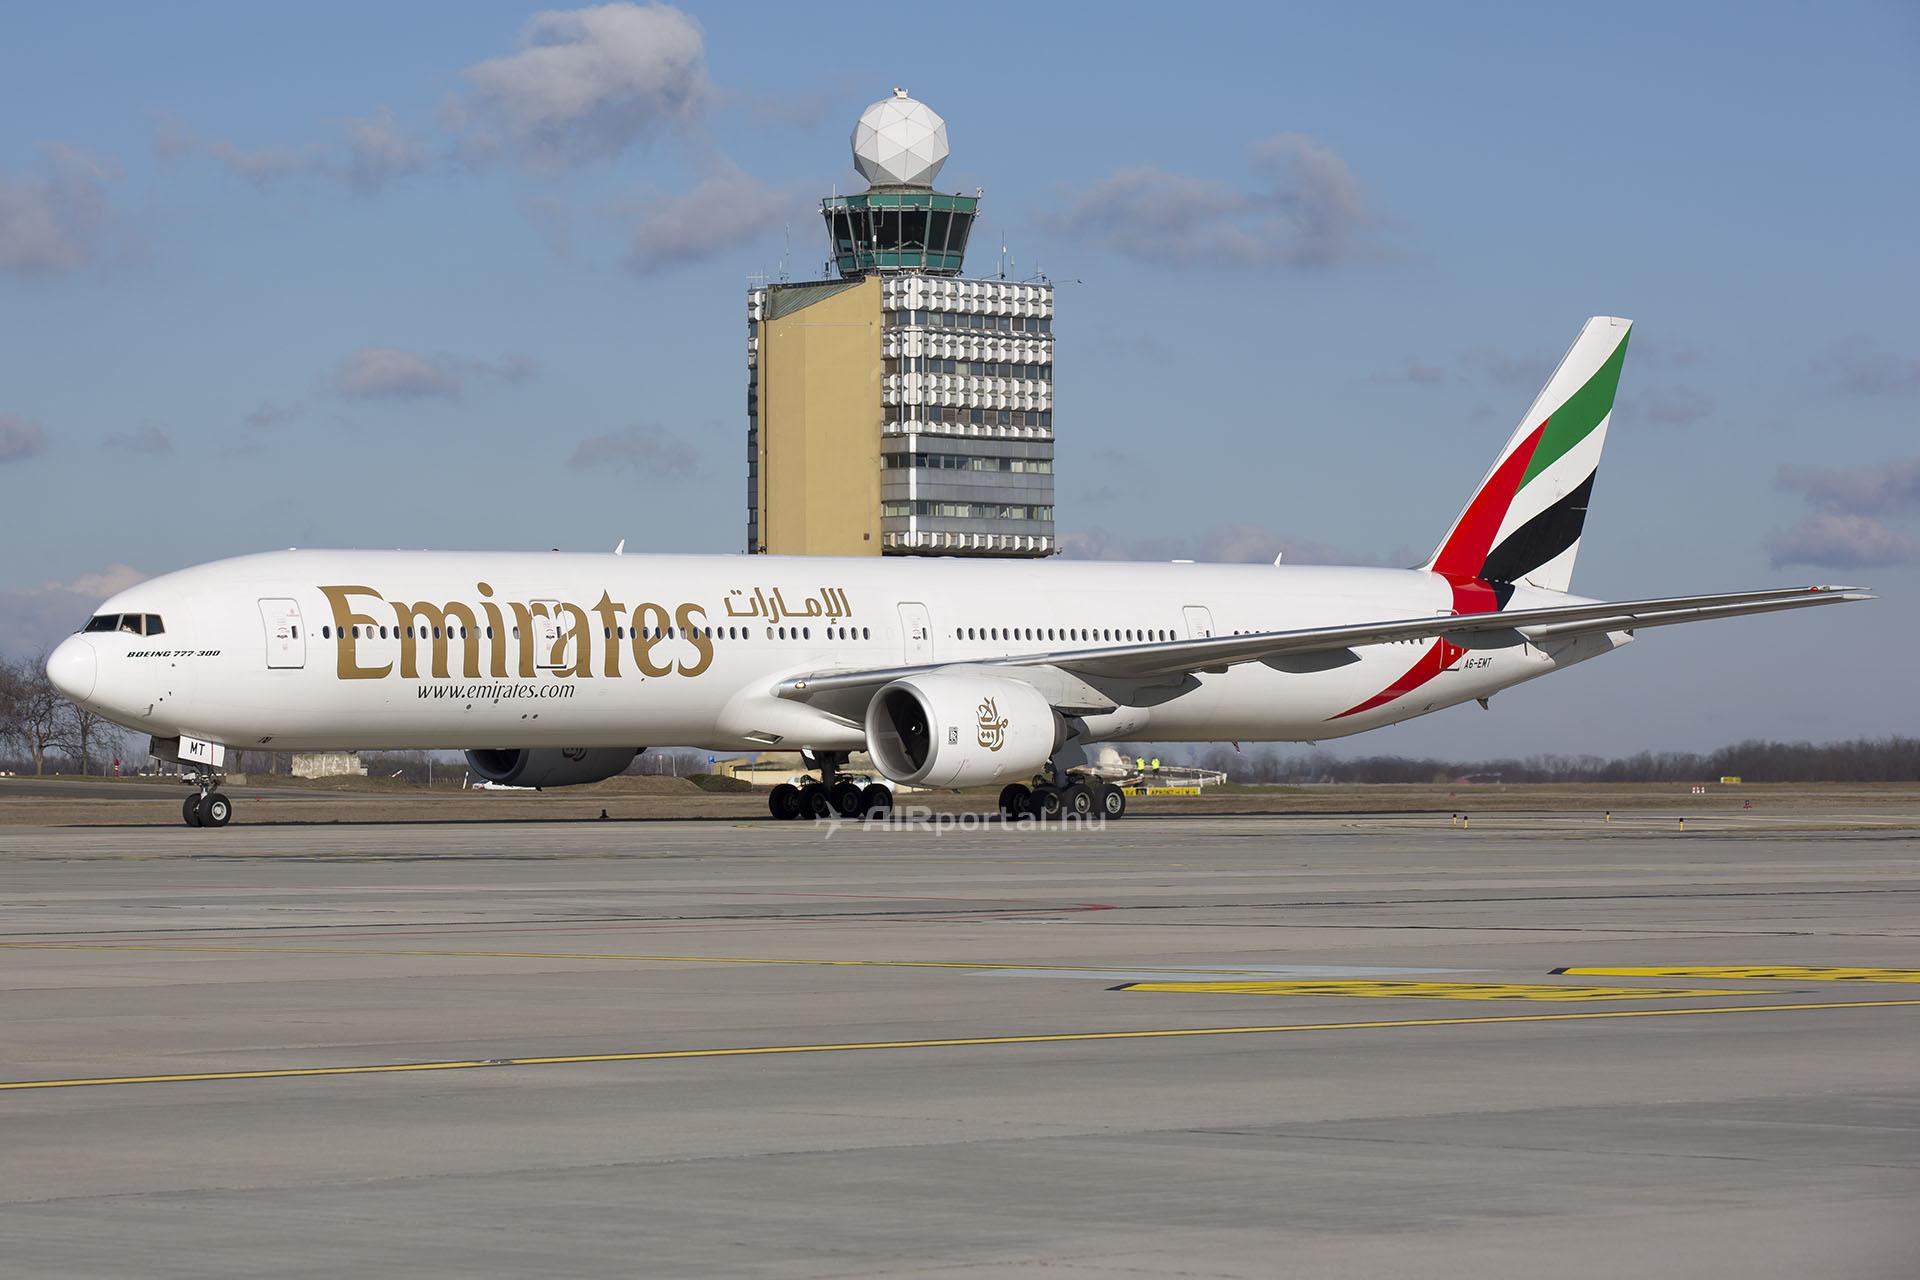 Az Emirates lehet az egyik légitársaság, akivel az ötödik szabadságjog alapján megnyíló Budapest New York járatokról tárgyalnak. (Fotó: AIRportal.hu)   © AIRportal.hu